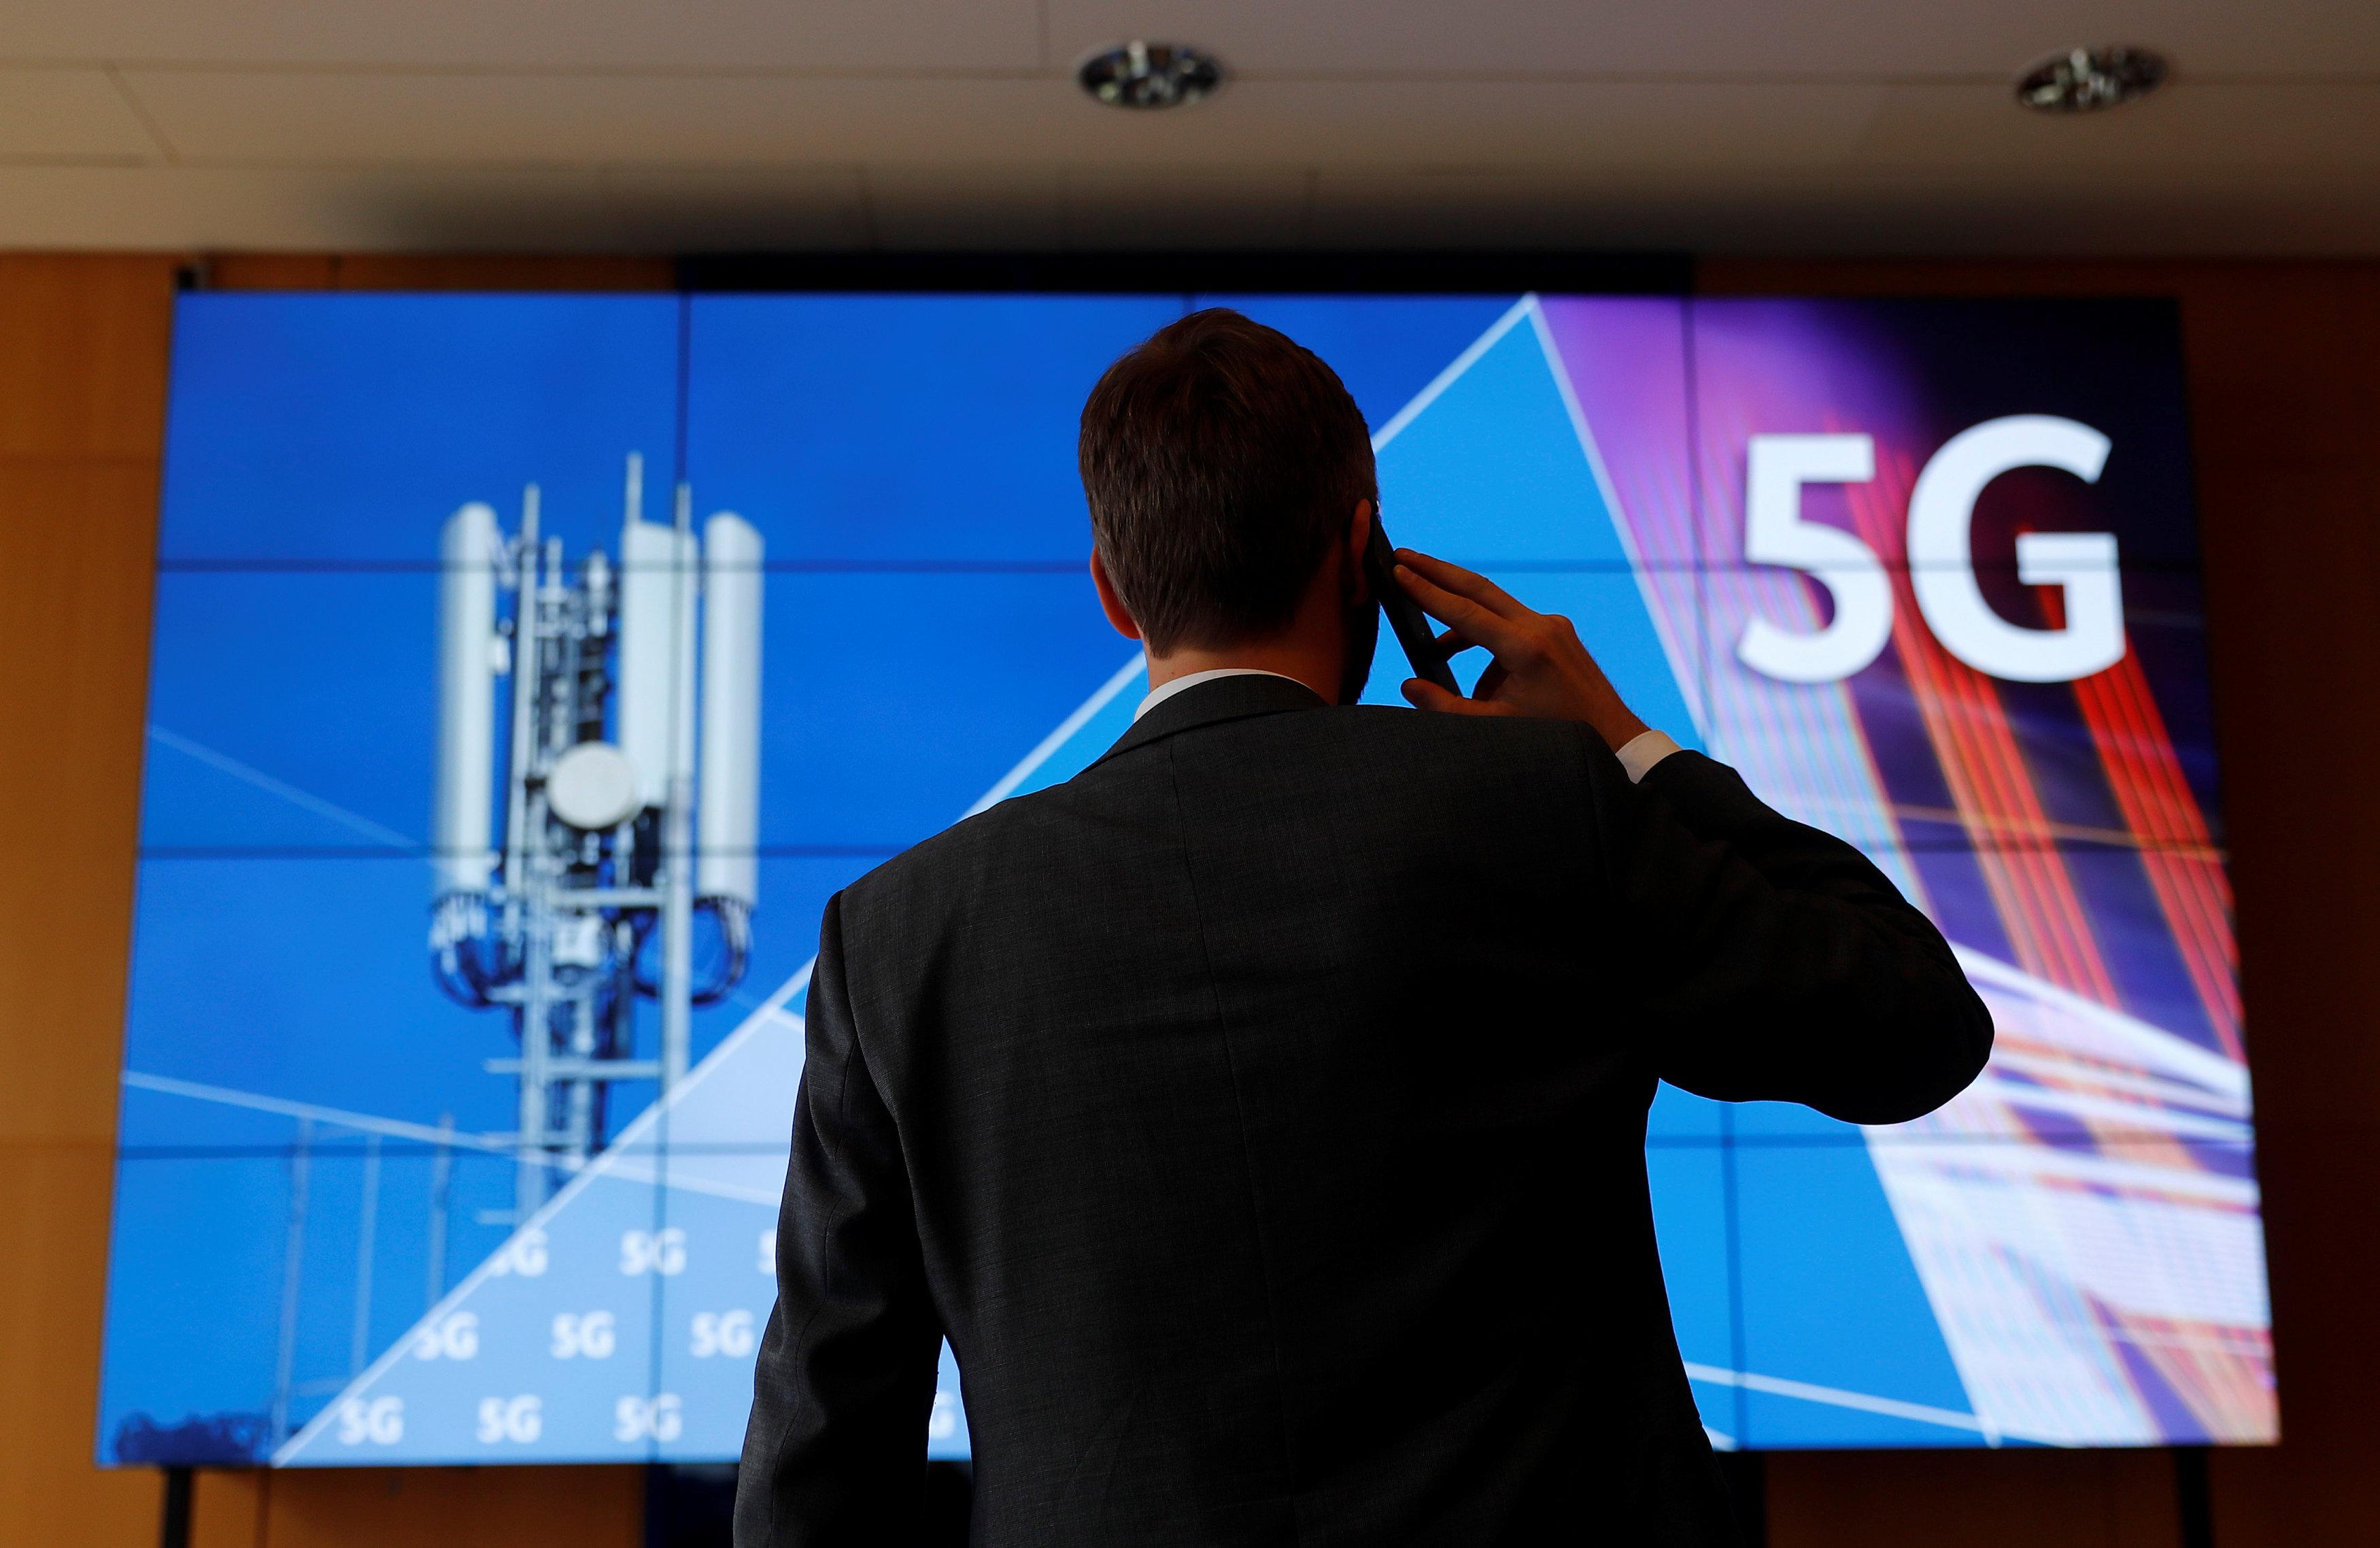 ¿Es dañina la radiación 5G?